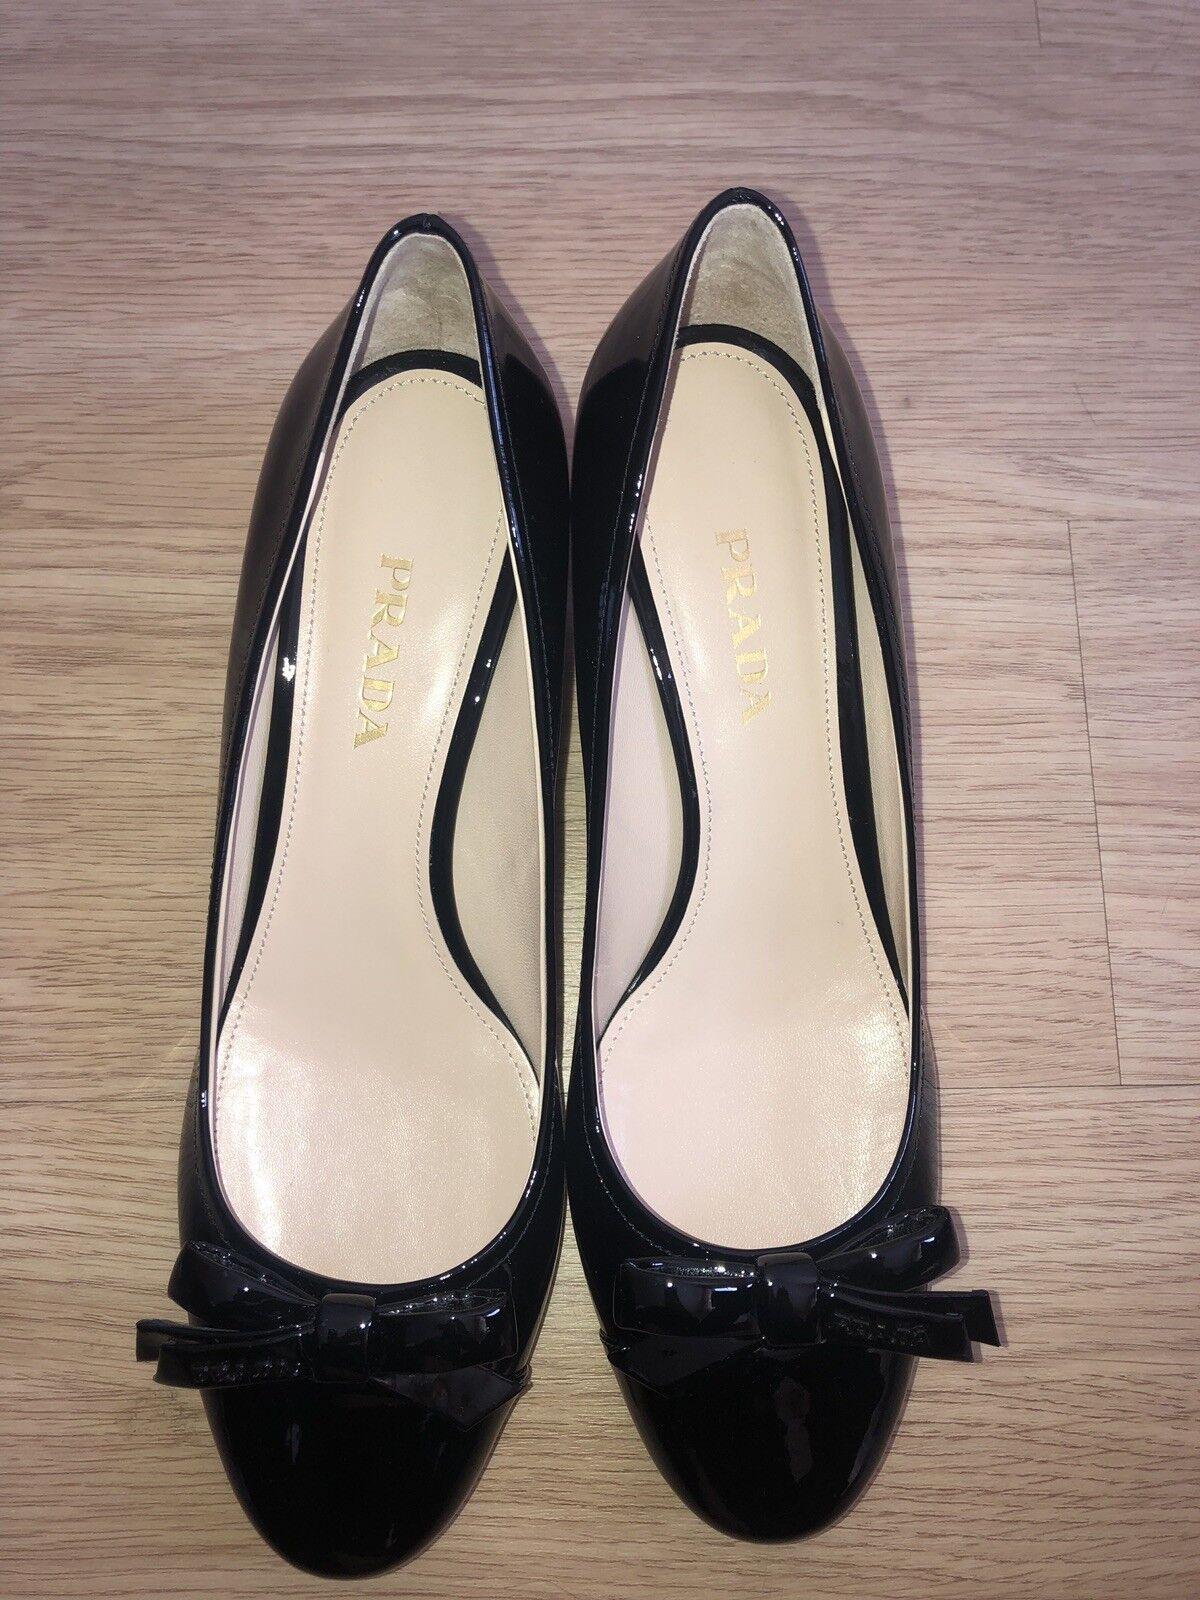 Prada Pumps Gr. 41 Damenschuhe Abendschuhe Abendschuhe Abendschuhe Schuhe schwarz Lackleder NEU d8b67e